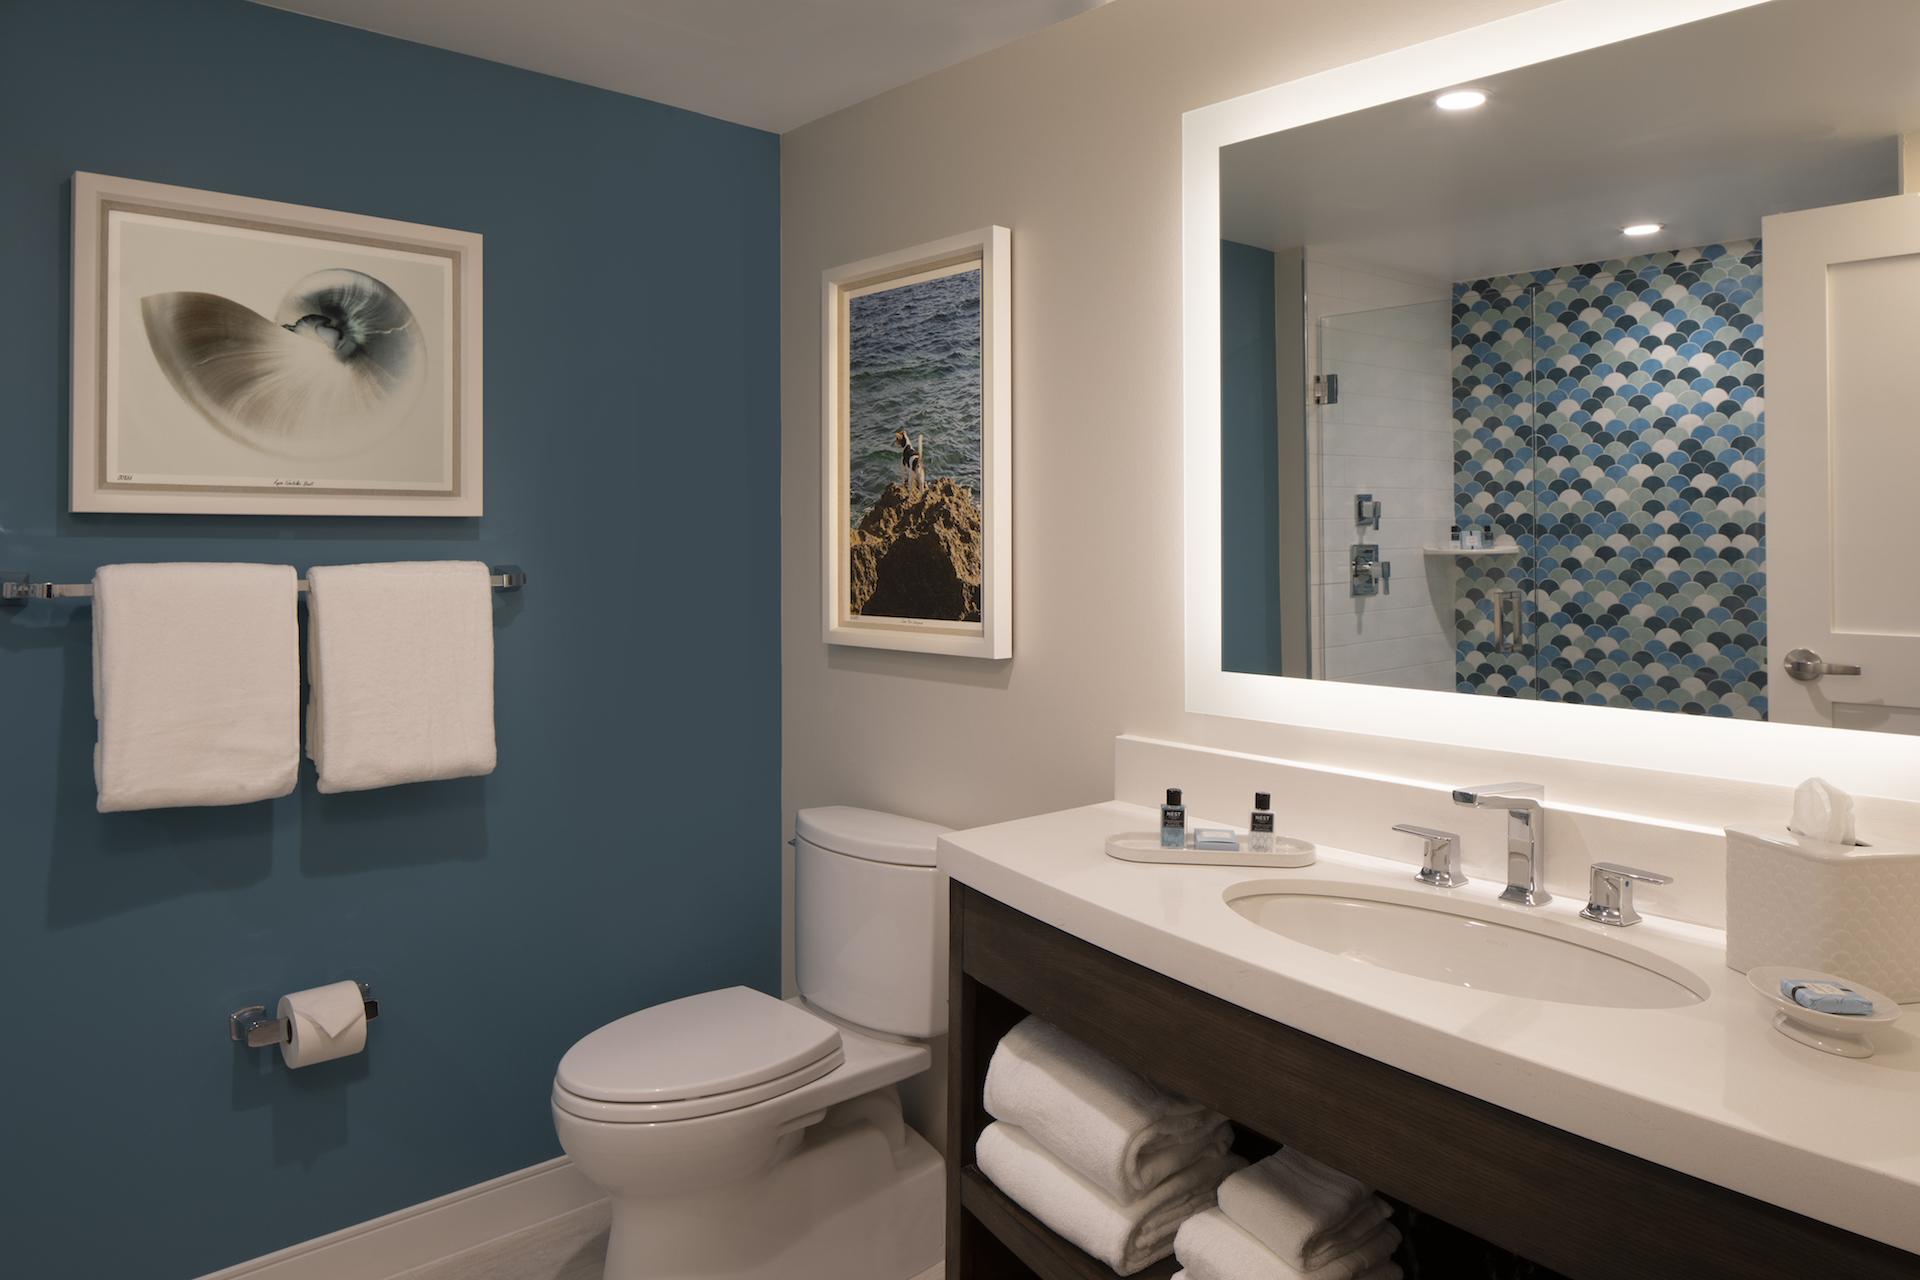 The Laureate Key West bathroom